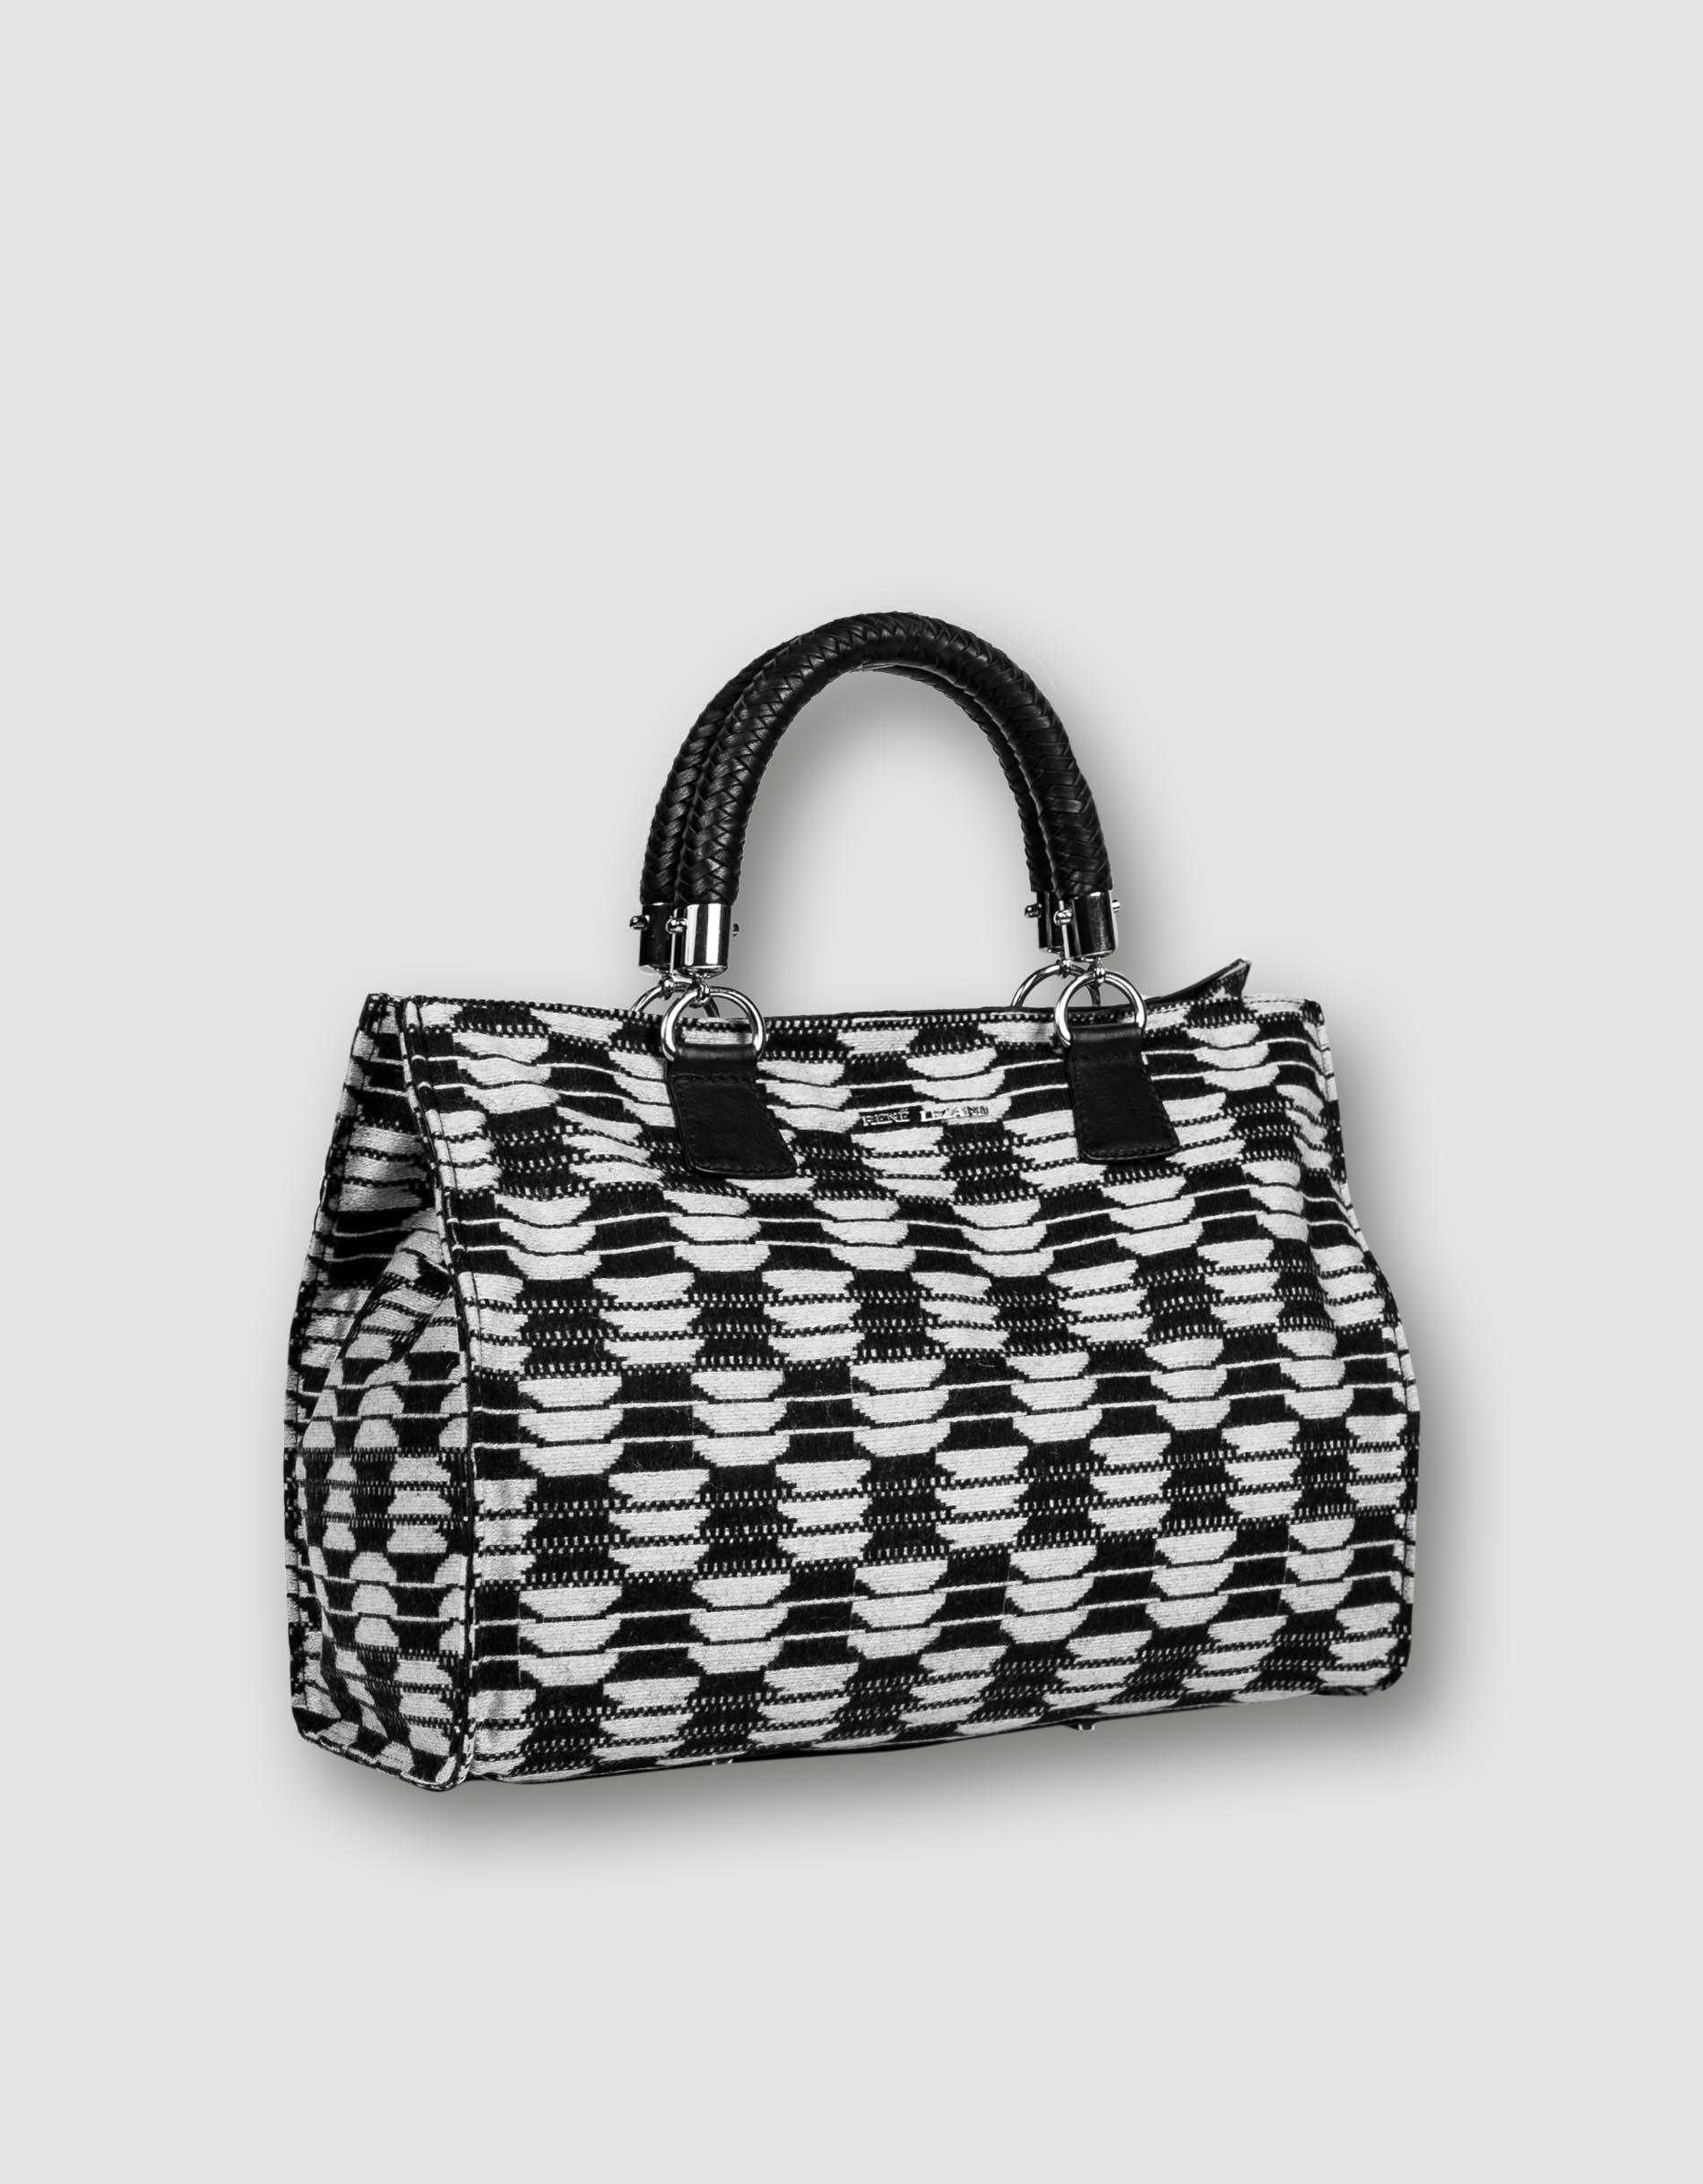 e95efb50c2e47 RENÉ LEZARD Damen Tasche schwarz-weiß Hand mit raffinierter Oberfläche  empfohlen von Deinen Schwestern